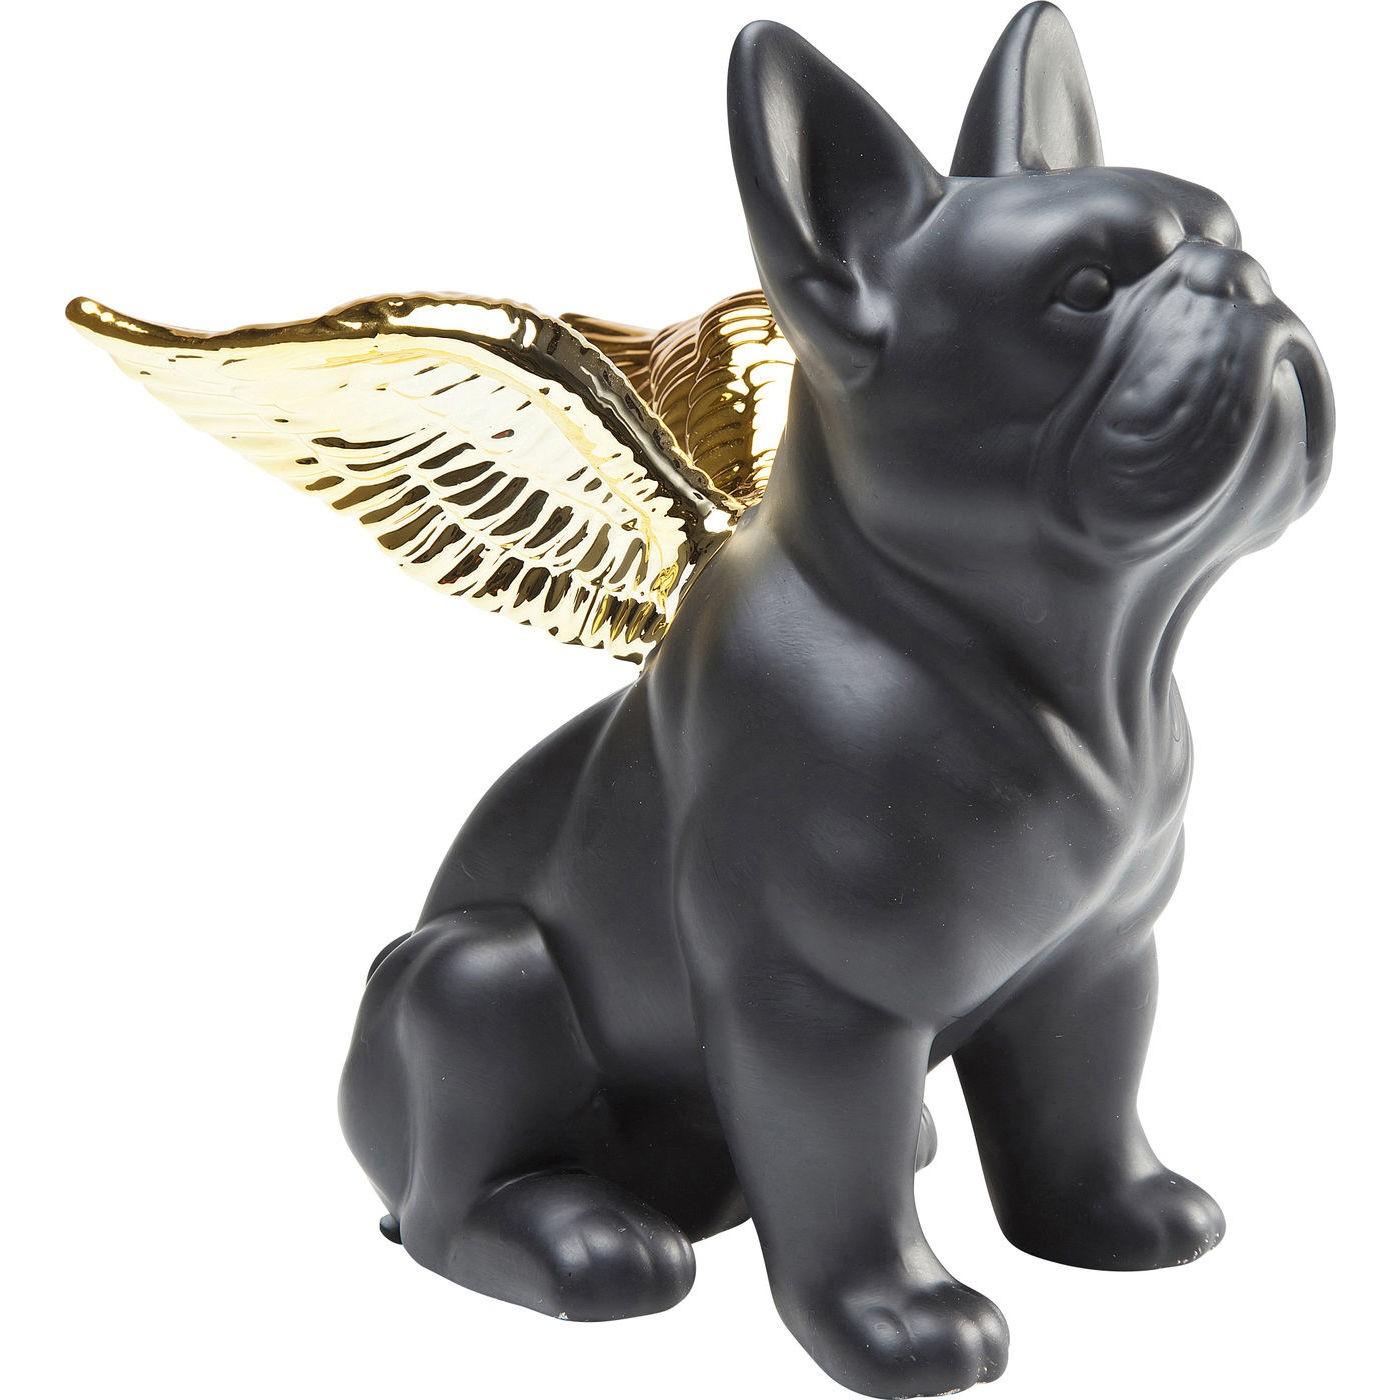 Statuette bouledogue noir ailes dorées